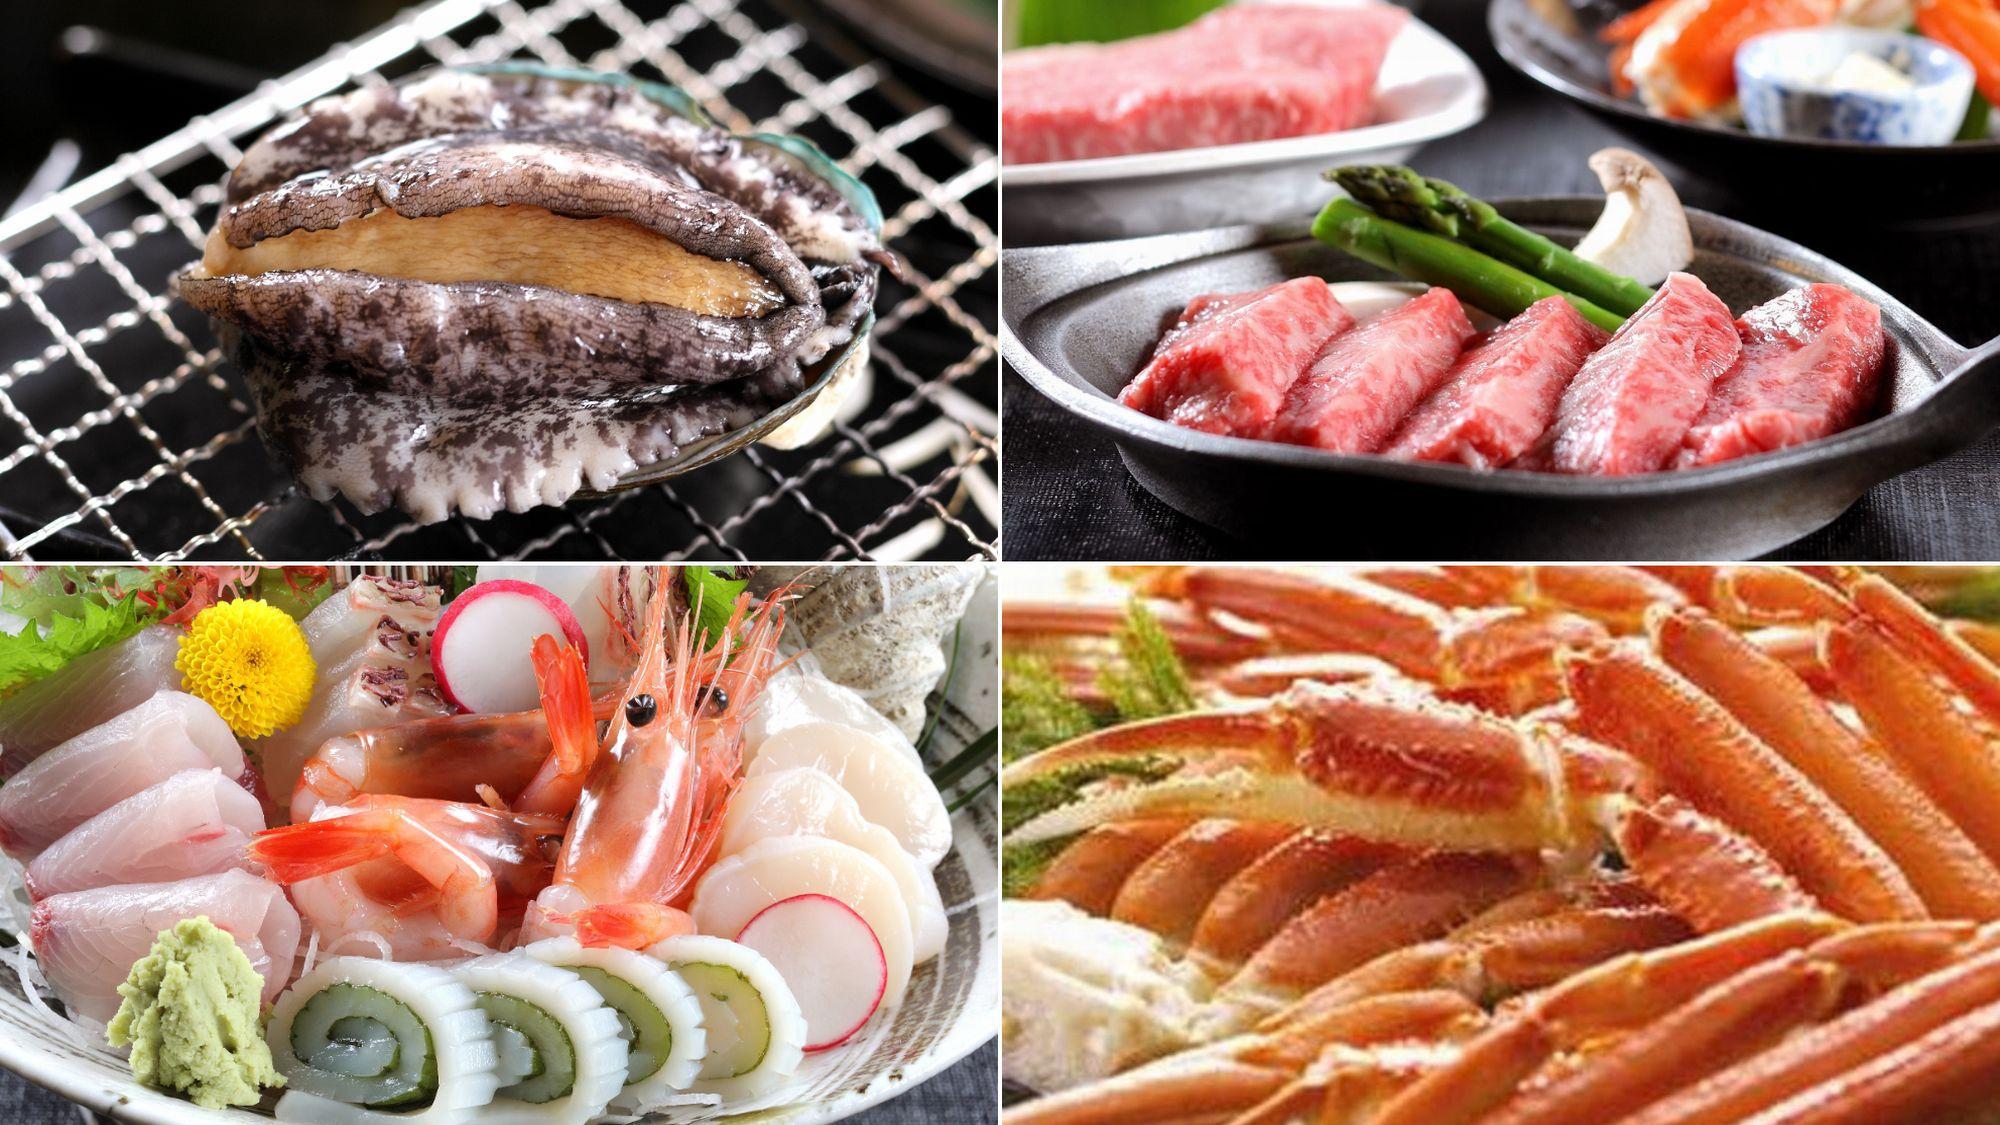 【選べる料理コース】 アワビ・カニ・ビーフ・舟盛お好きなものでご予約を!